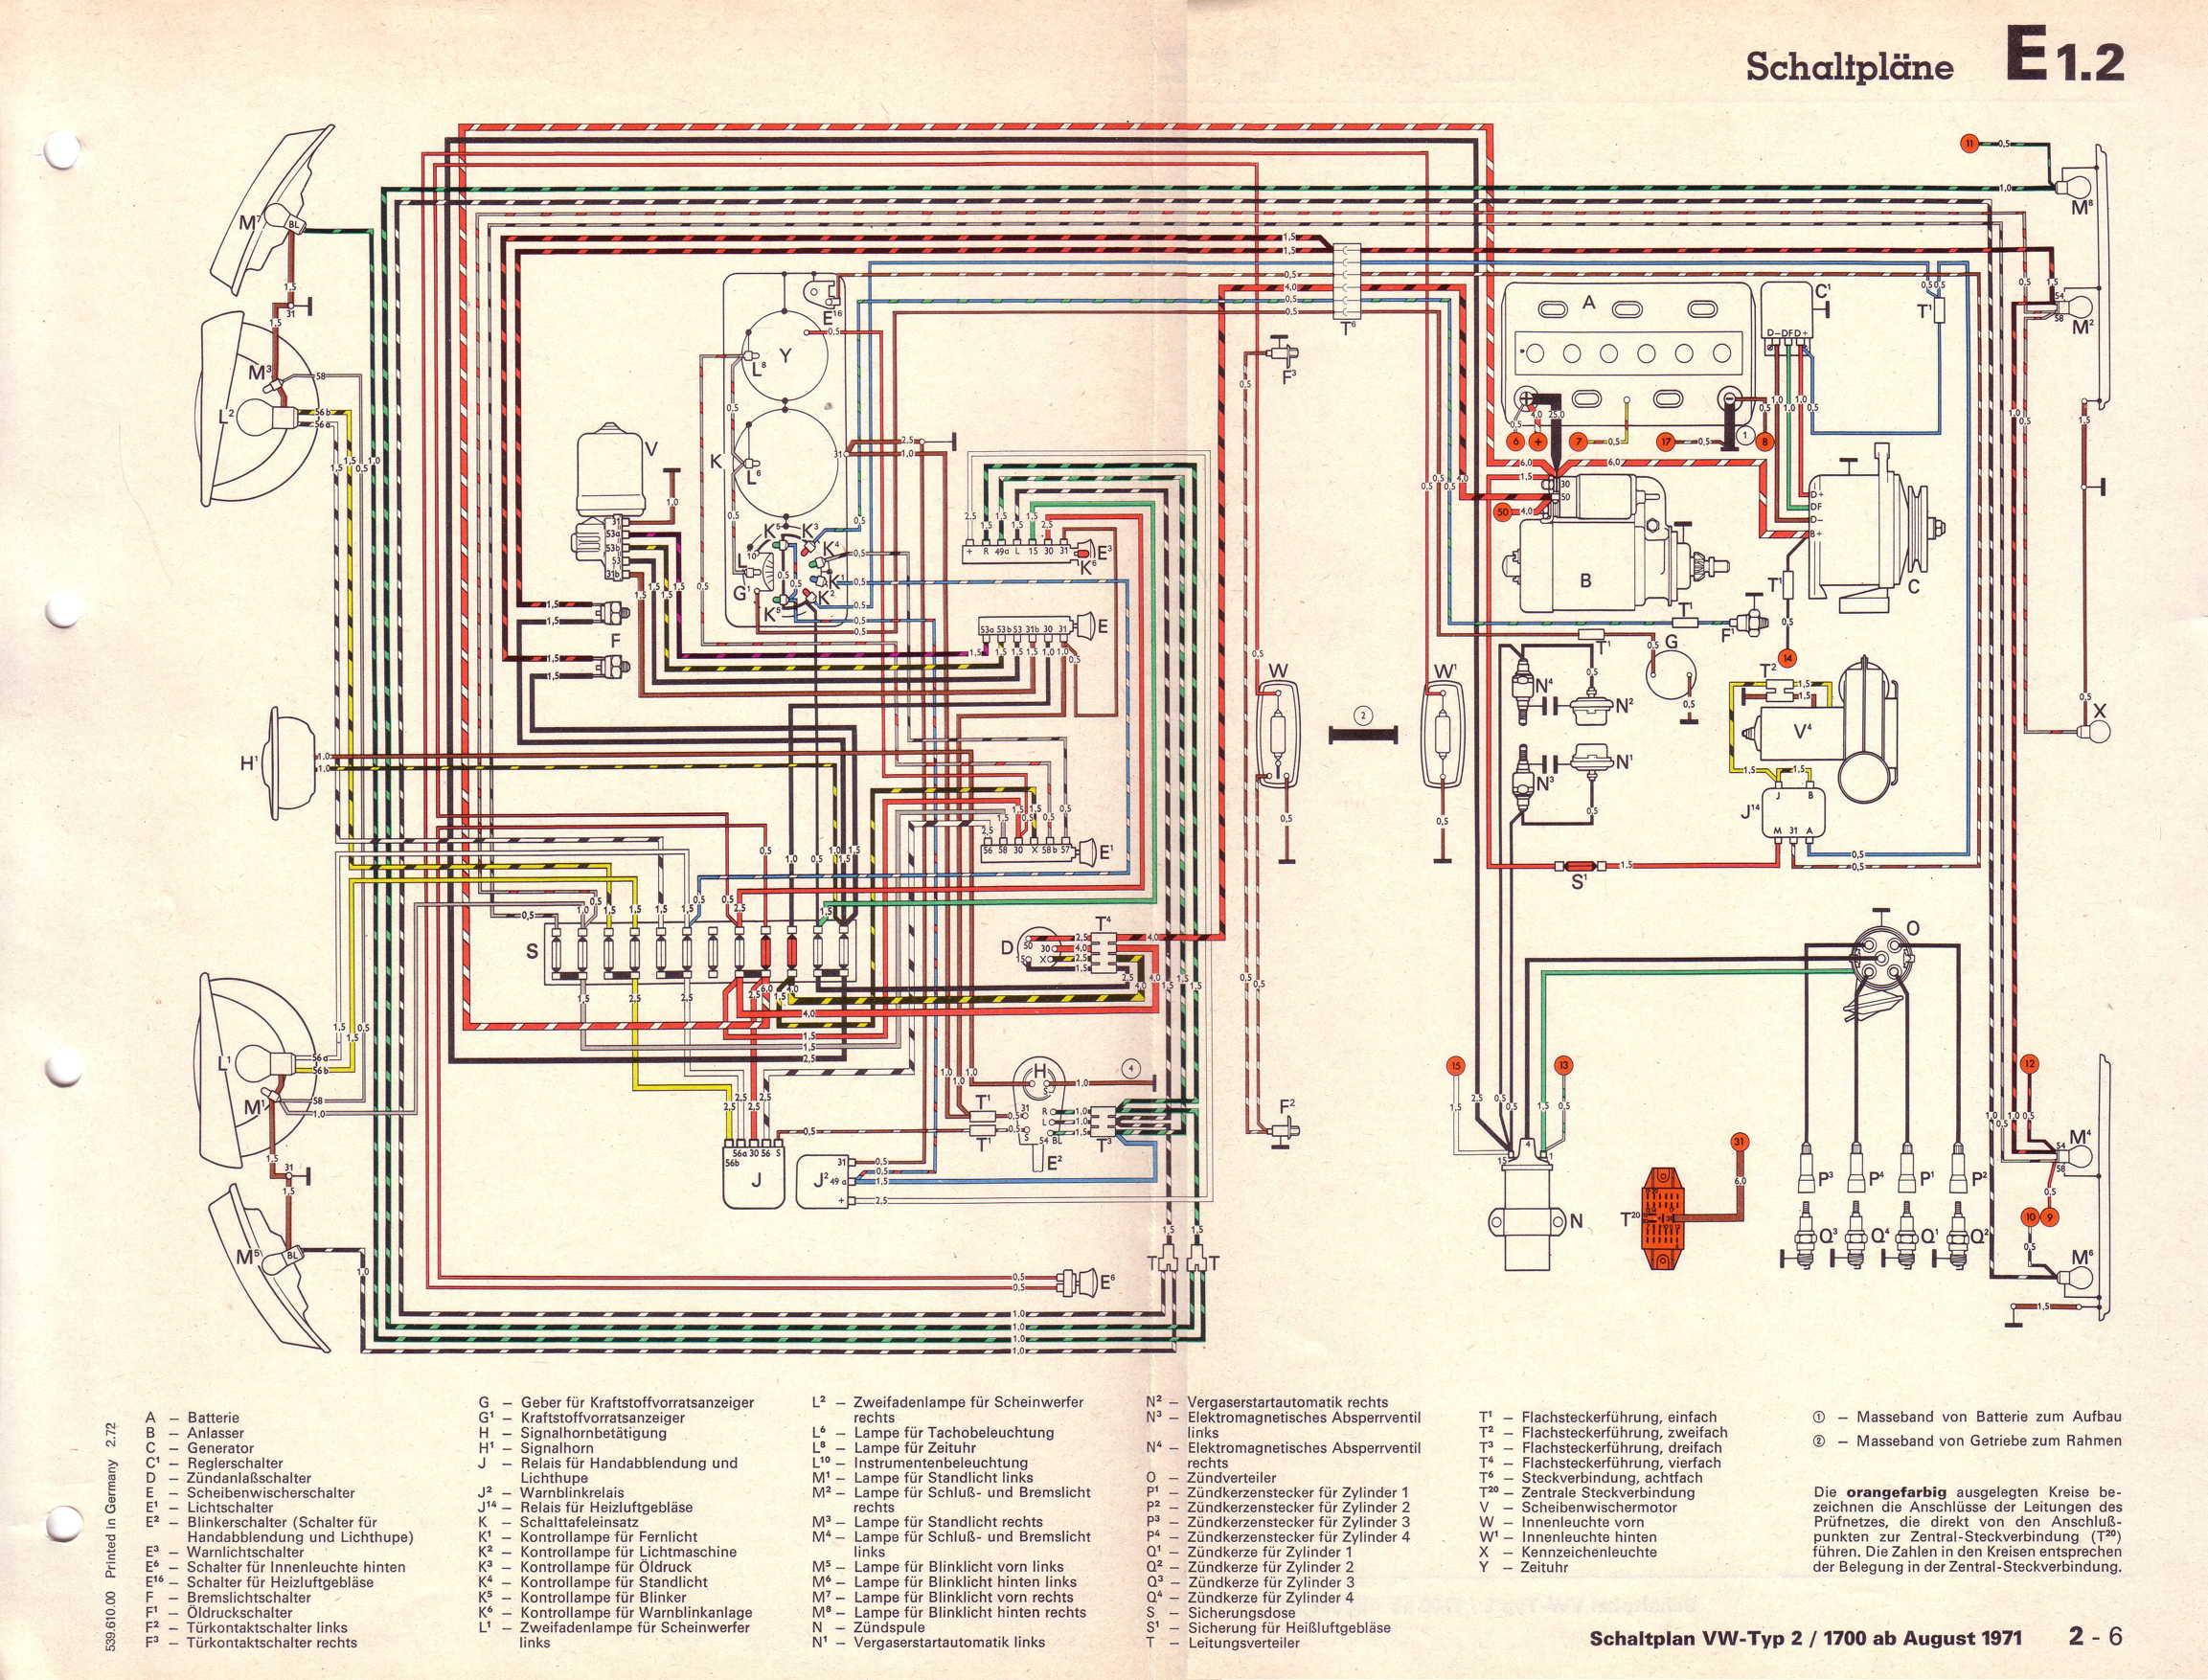 Baduras Volkswagen T2 Bulli Seite Stromlaufplne Transporter Wiring Diagram 17 L Vergasermotor Ab August 1971